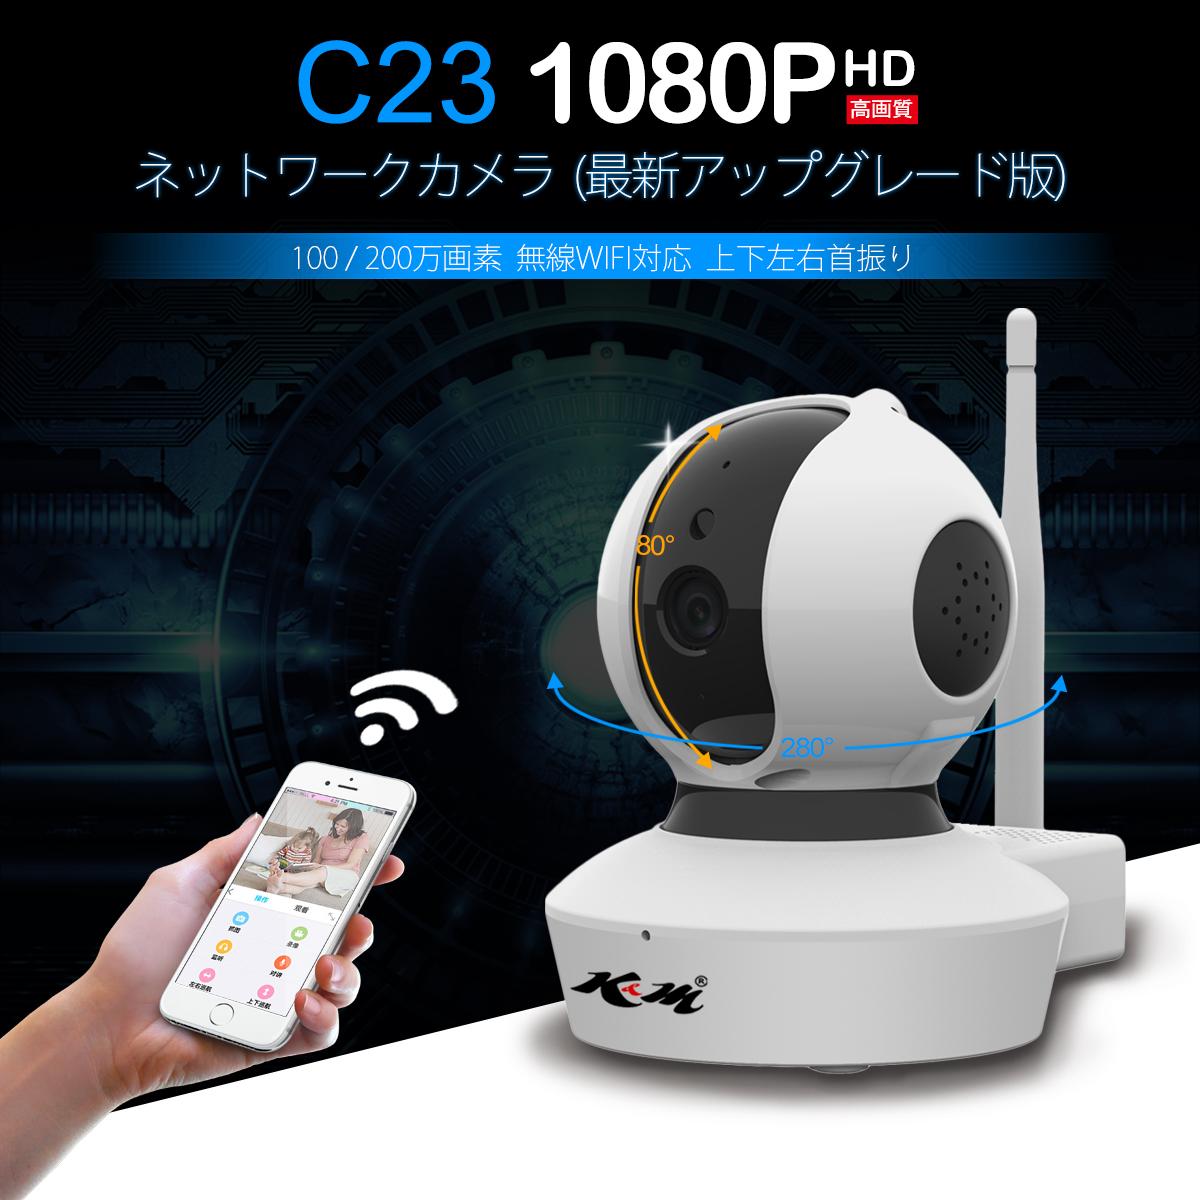 防犯カメラ ワイヤレス C7823 VStarcam 100万画素 ONVIF対応 新モデル ベビー ペットモニター 無線WIFI MicroSDカード録画 屋内用 監視 ネットワーク IP WEB カメラ 宅配便送料無料 PSE 技適 6ヶ月保証